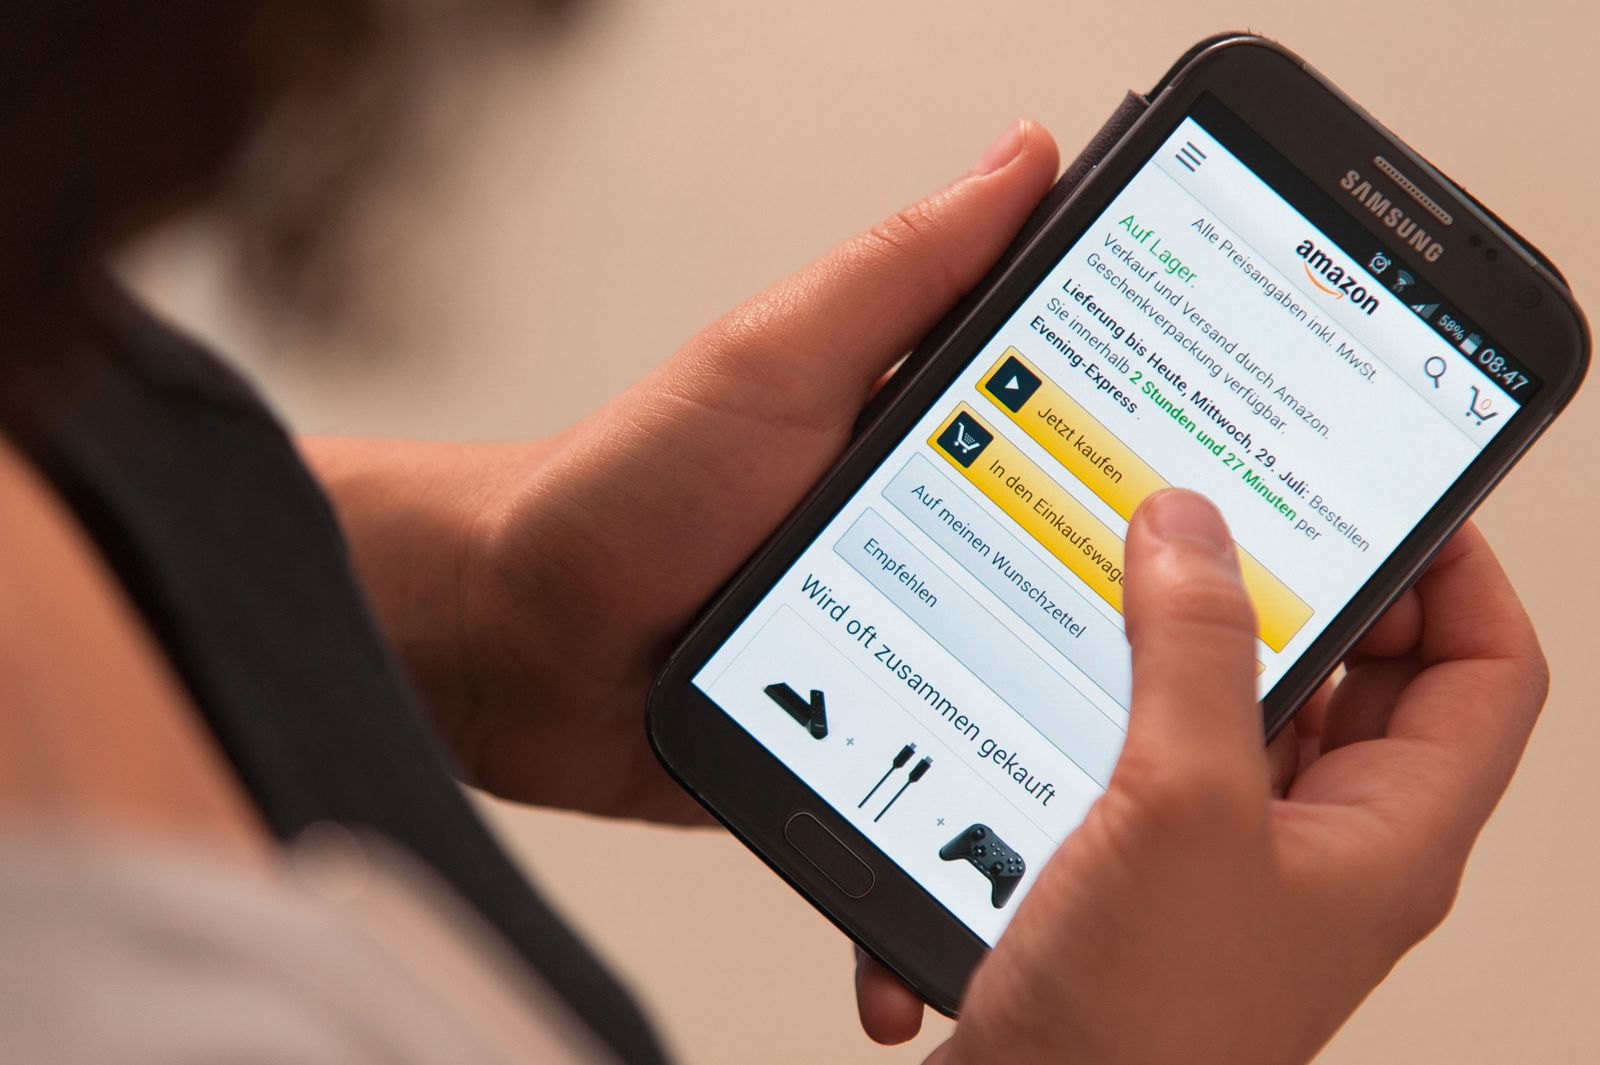 Amazon / Onlinekauf / Onlinehandel